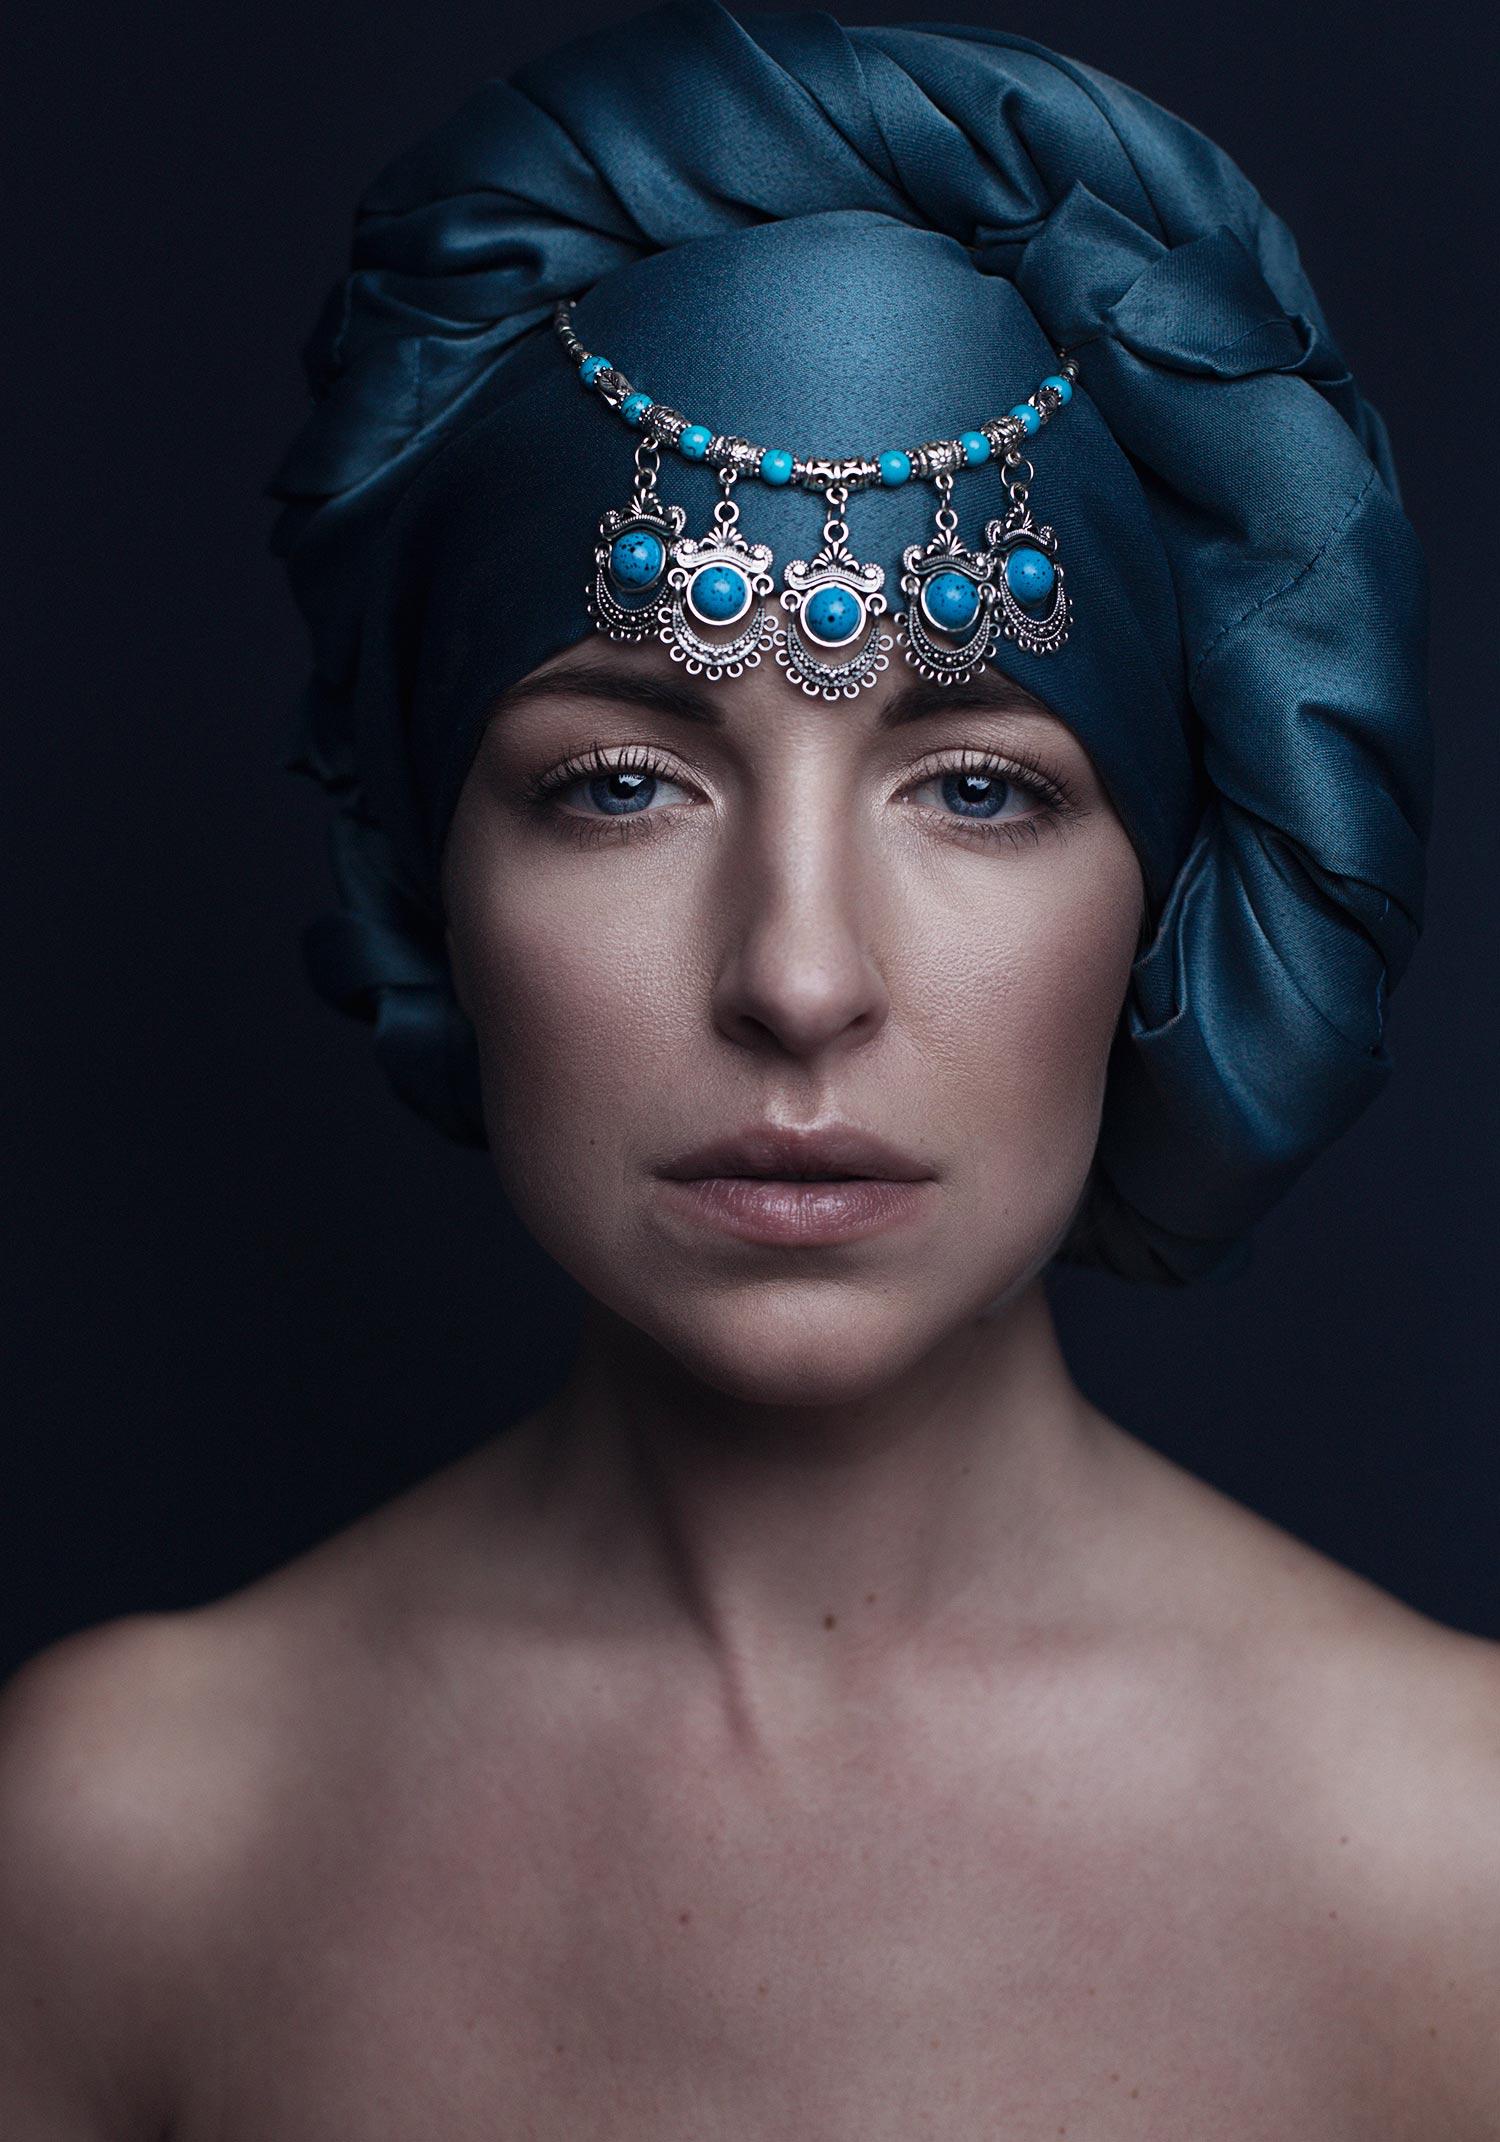 fashion-portrait-photography-fairfield-connecticut